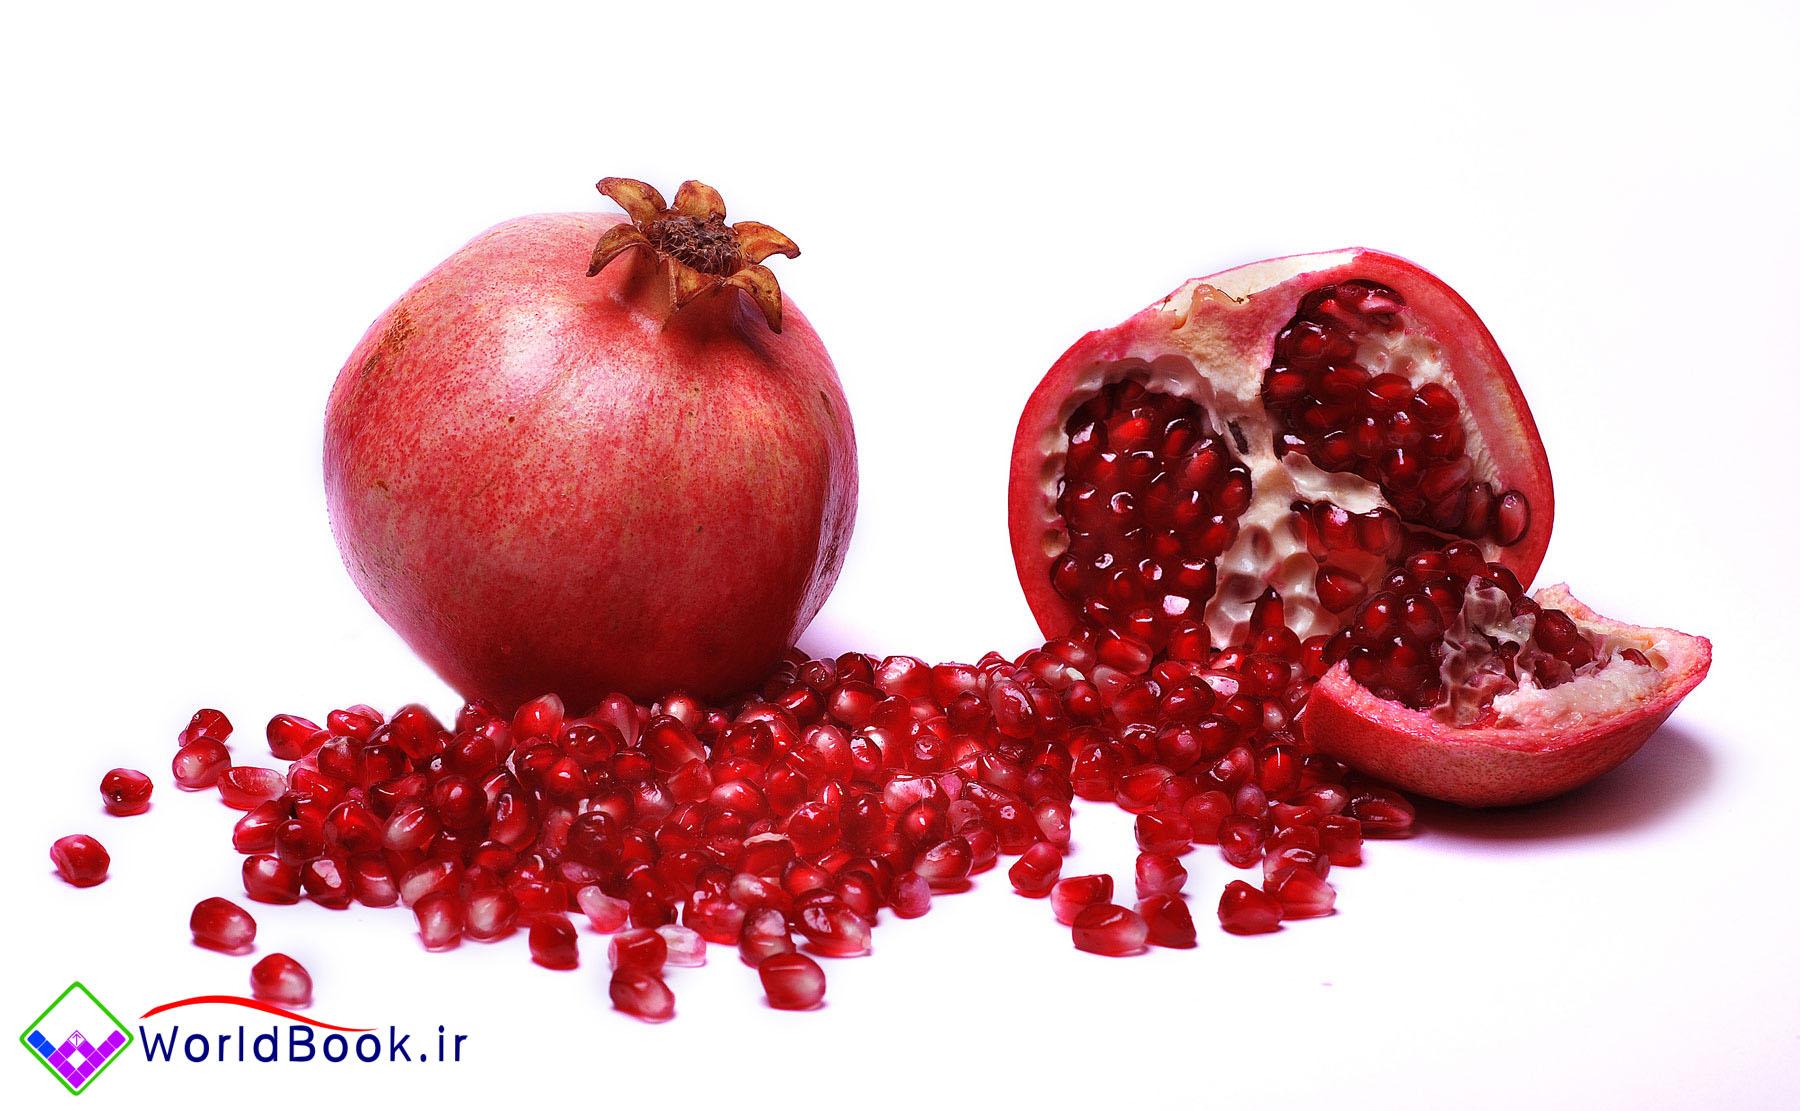 تصویر از انار میوه ای فوق العاده مفید